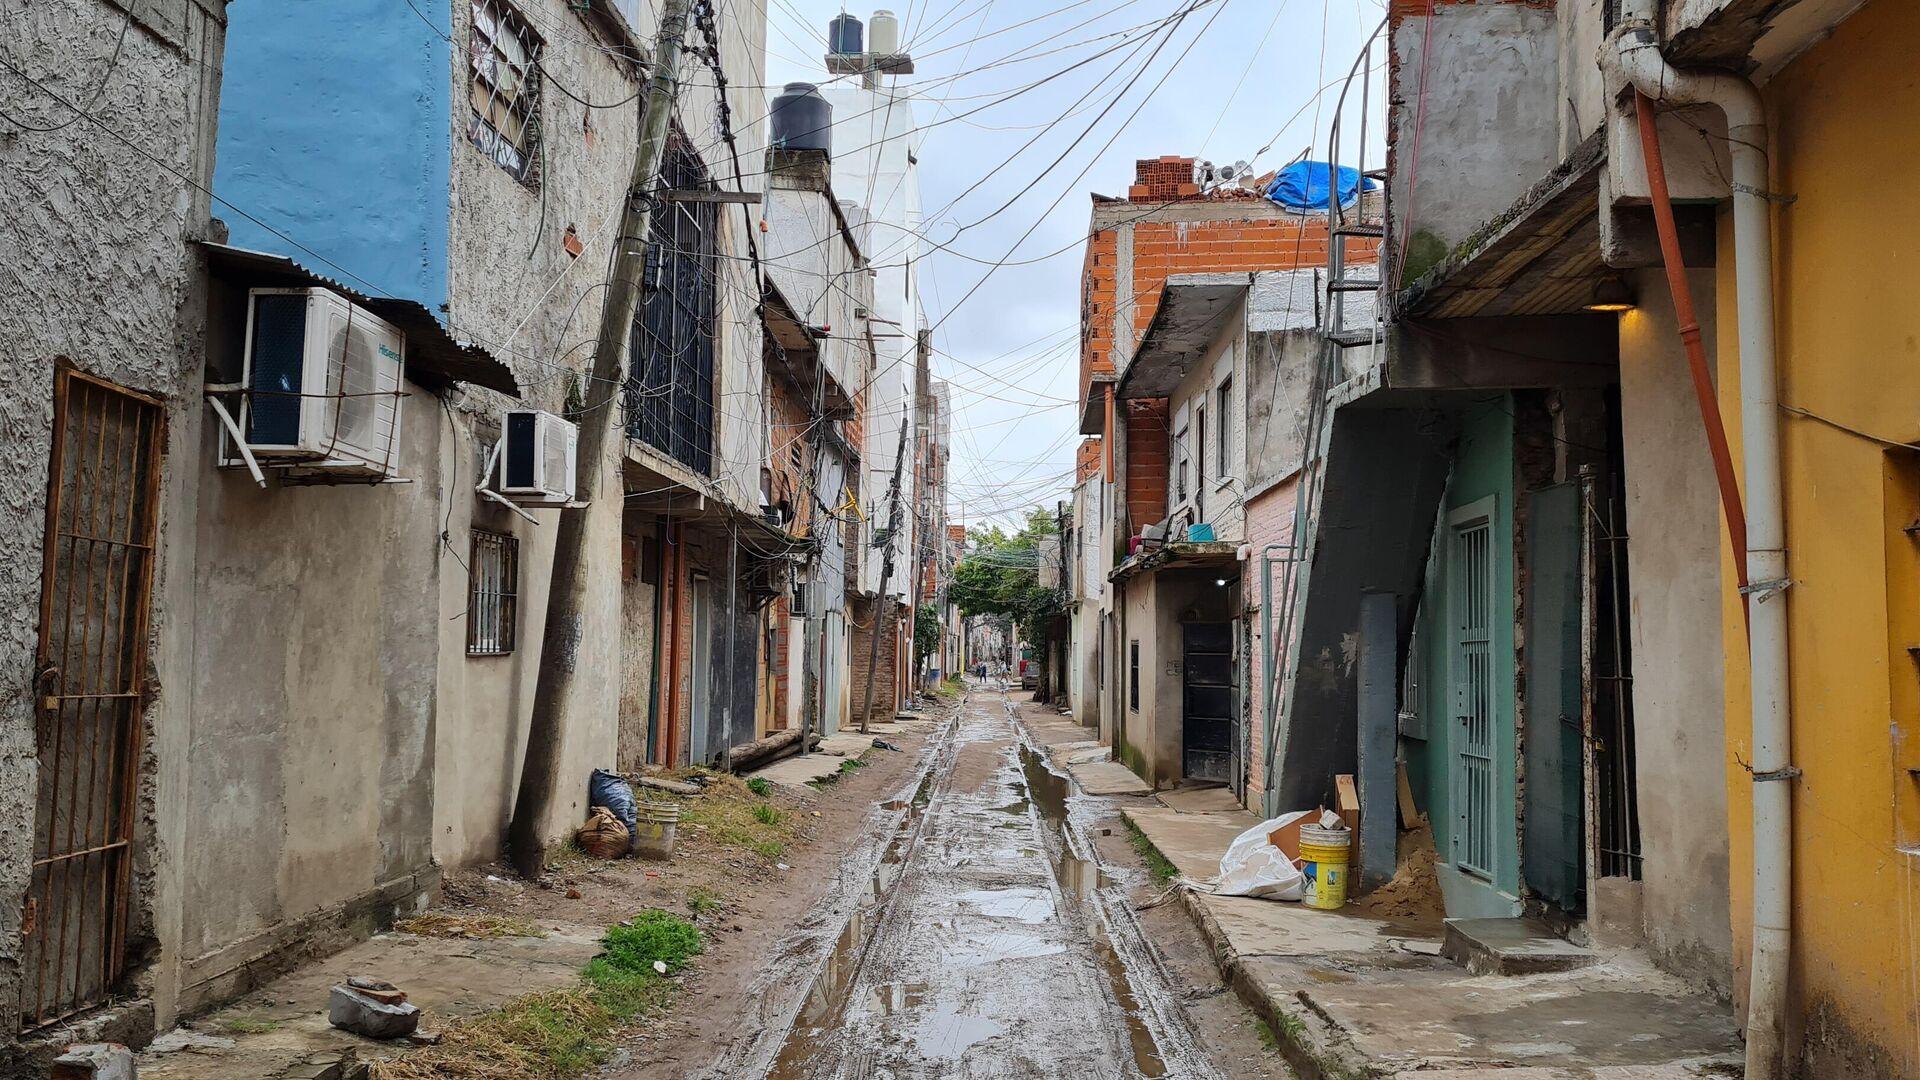 La Villa 21-24 de la ciudad de Buenos Aires es atravesada por las vías del ferrocarril - Sputnik Mundo, 1920, 04.09.2021